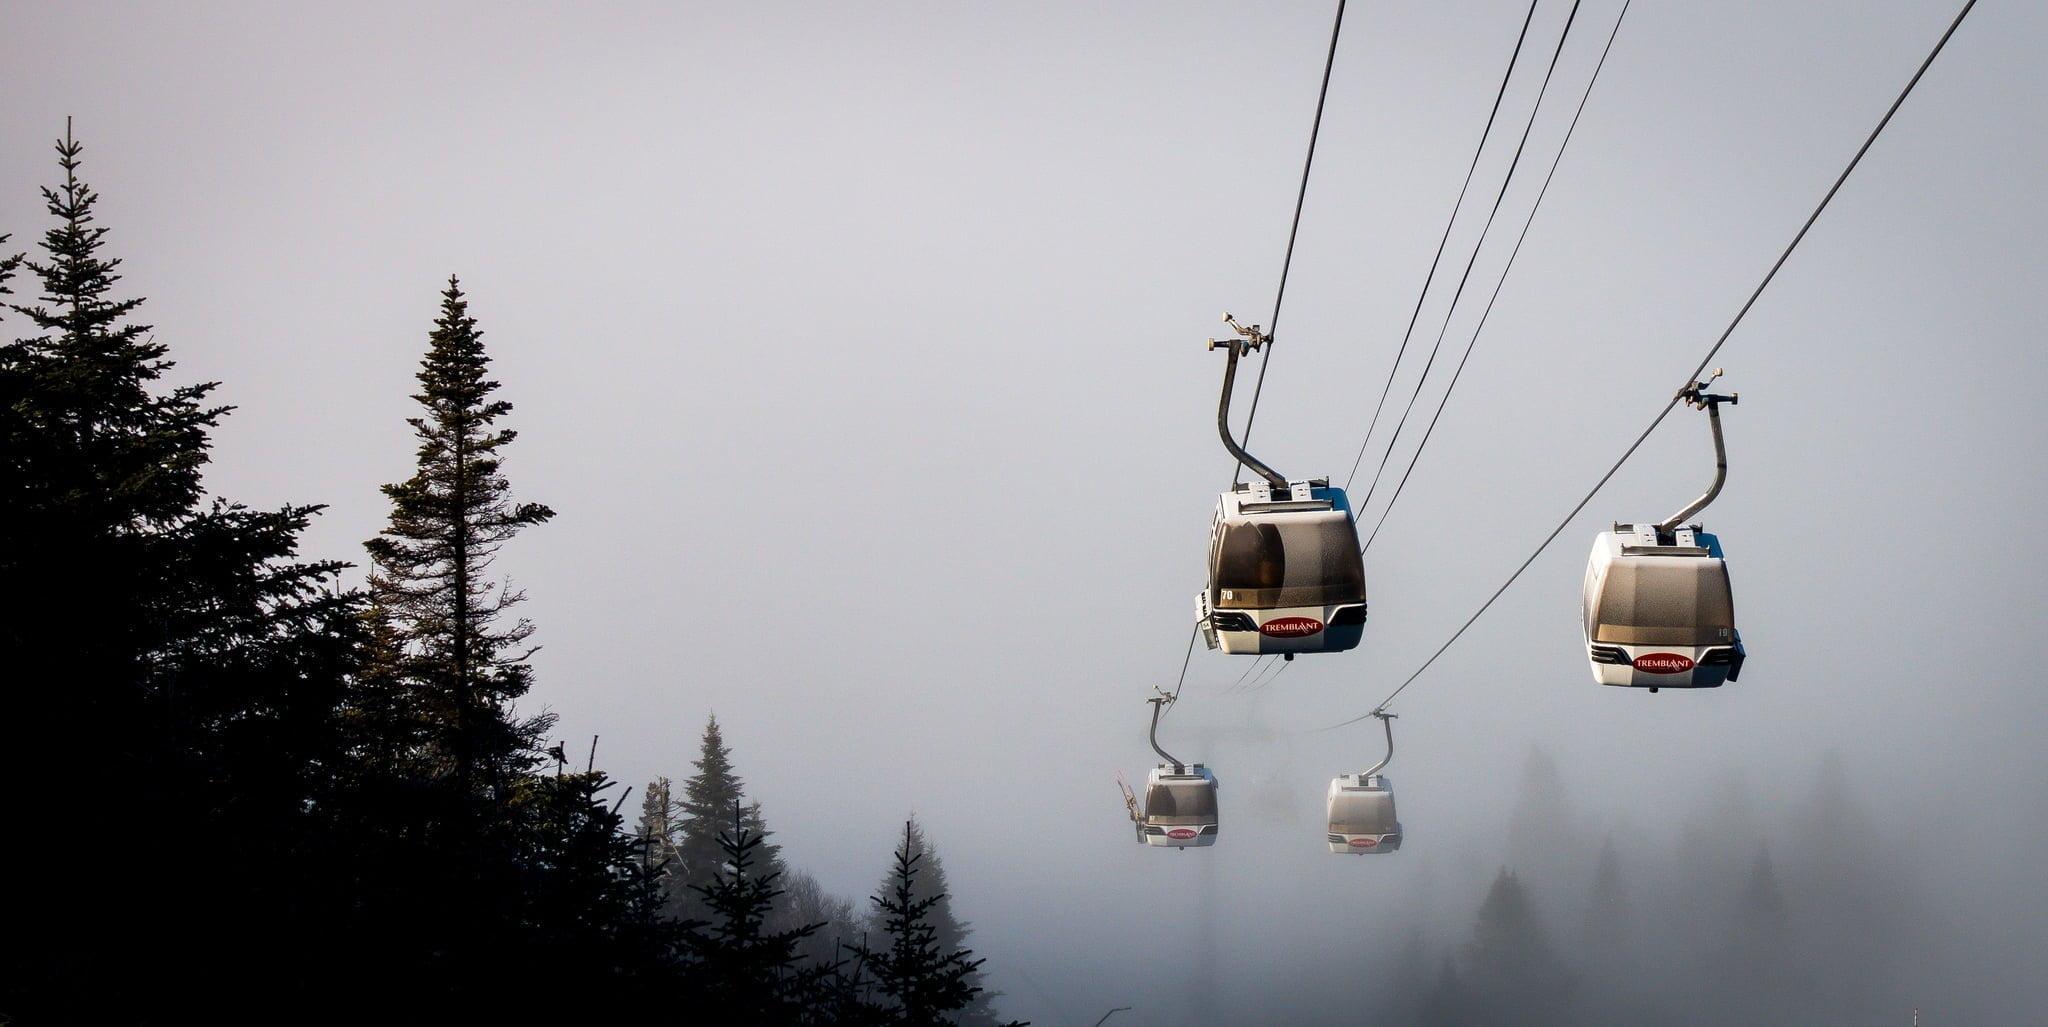 snow clouds neige tremblant gondola télécabine